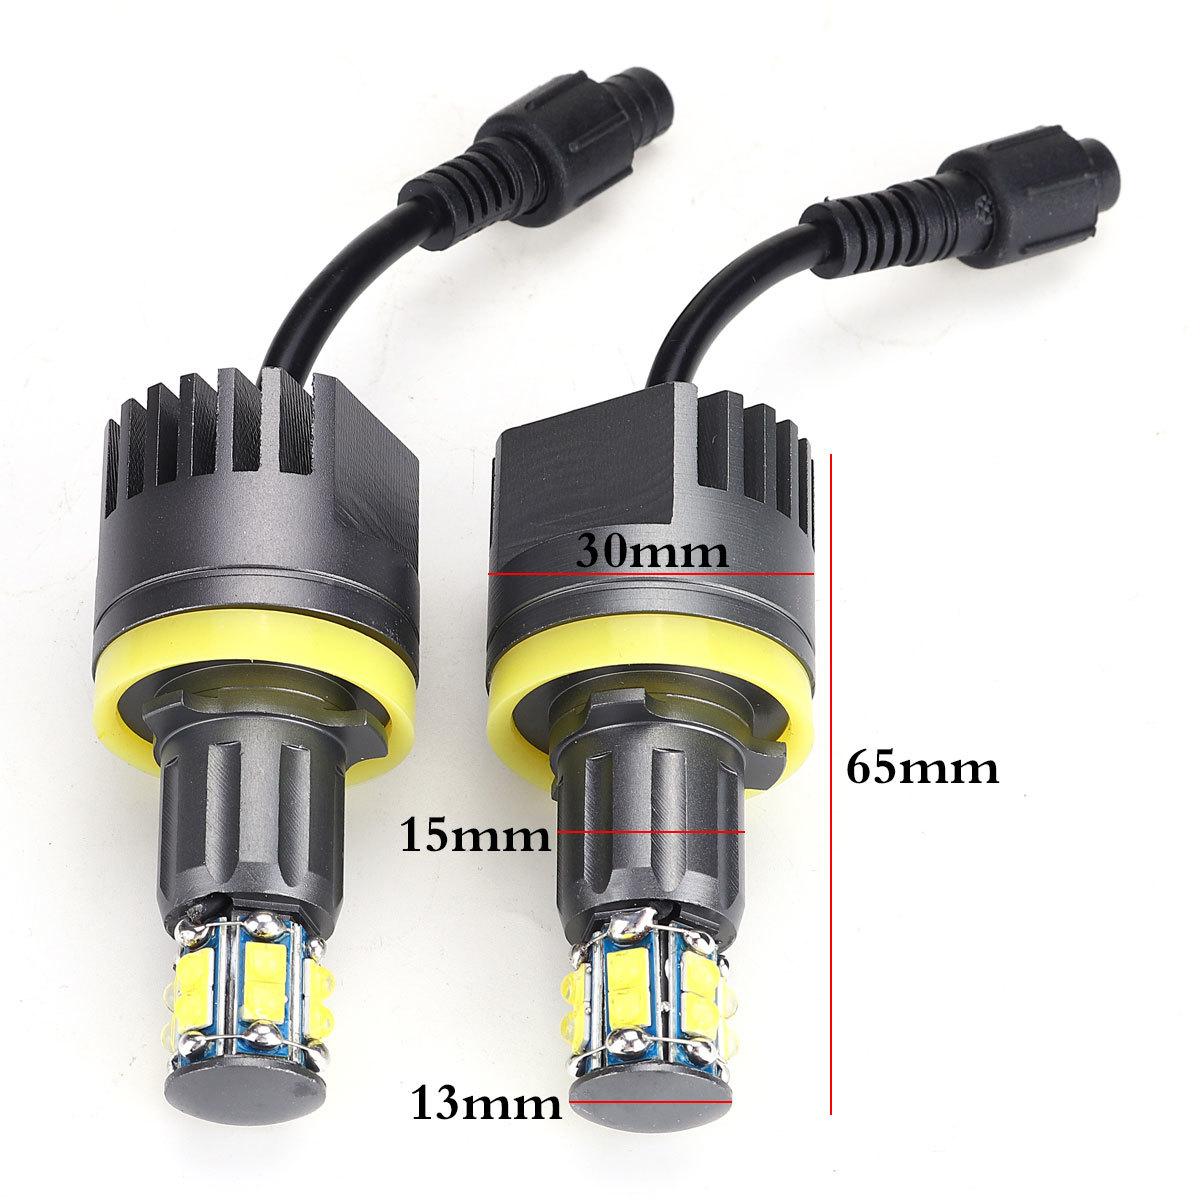 2 × 120 ワットH8 LEDエンジェル アイズフォグランプ ヘッドライトCANBUS BMW E60 E61 E63 X5 E70 X6 E71 E90 E91 E92 E93 M3 E89 E_画像5